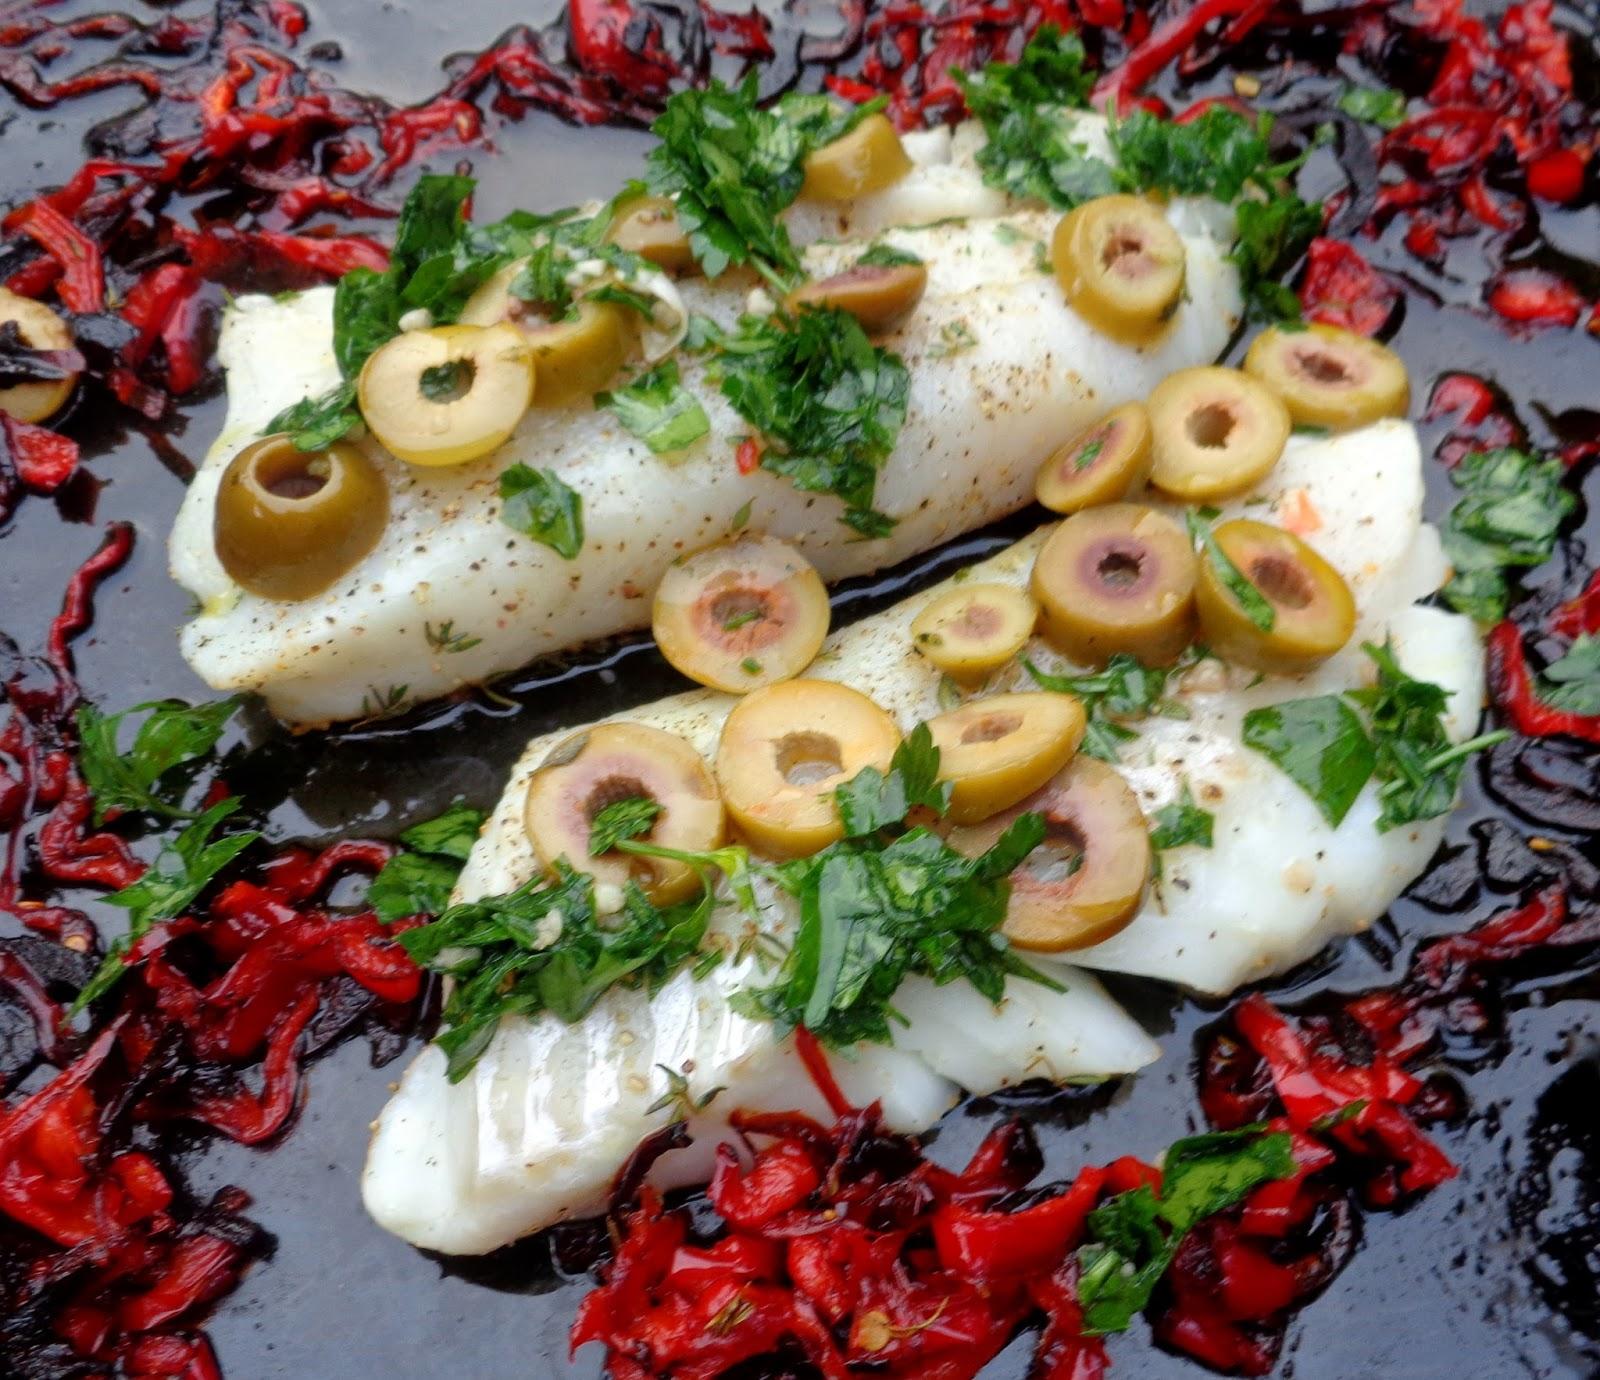 kabeljauw met paprika uit de oven